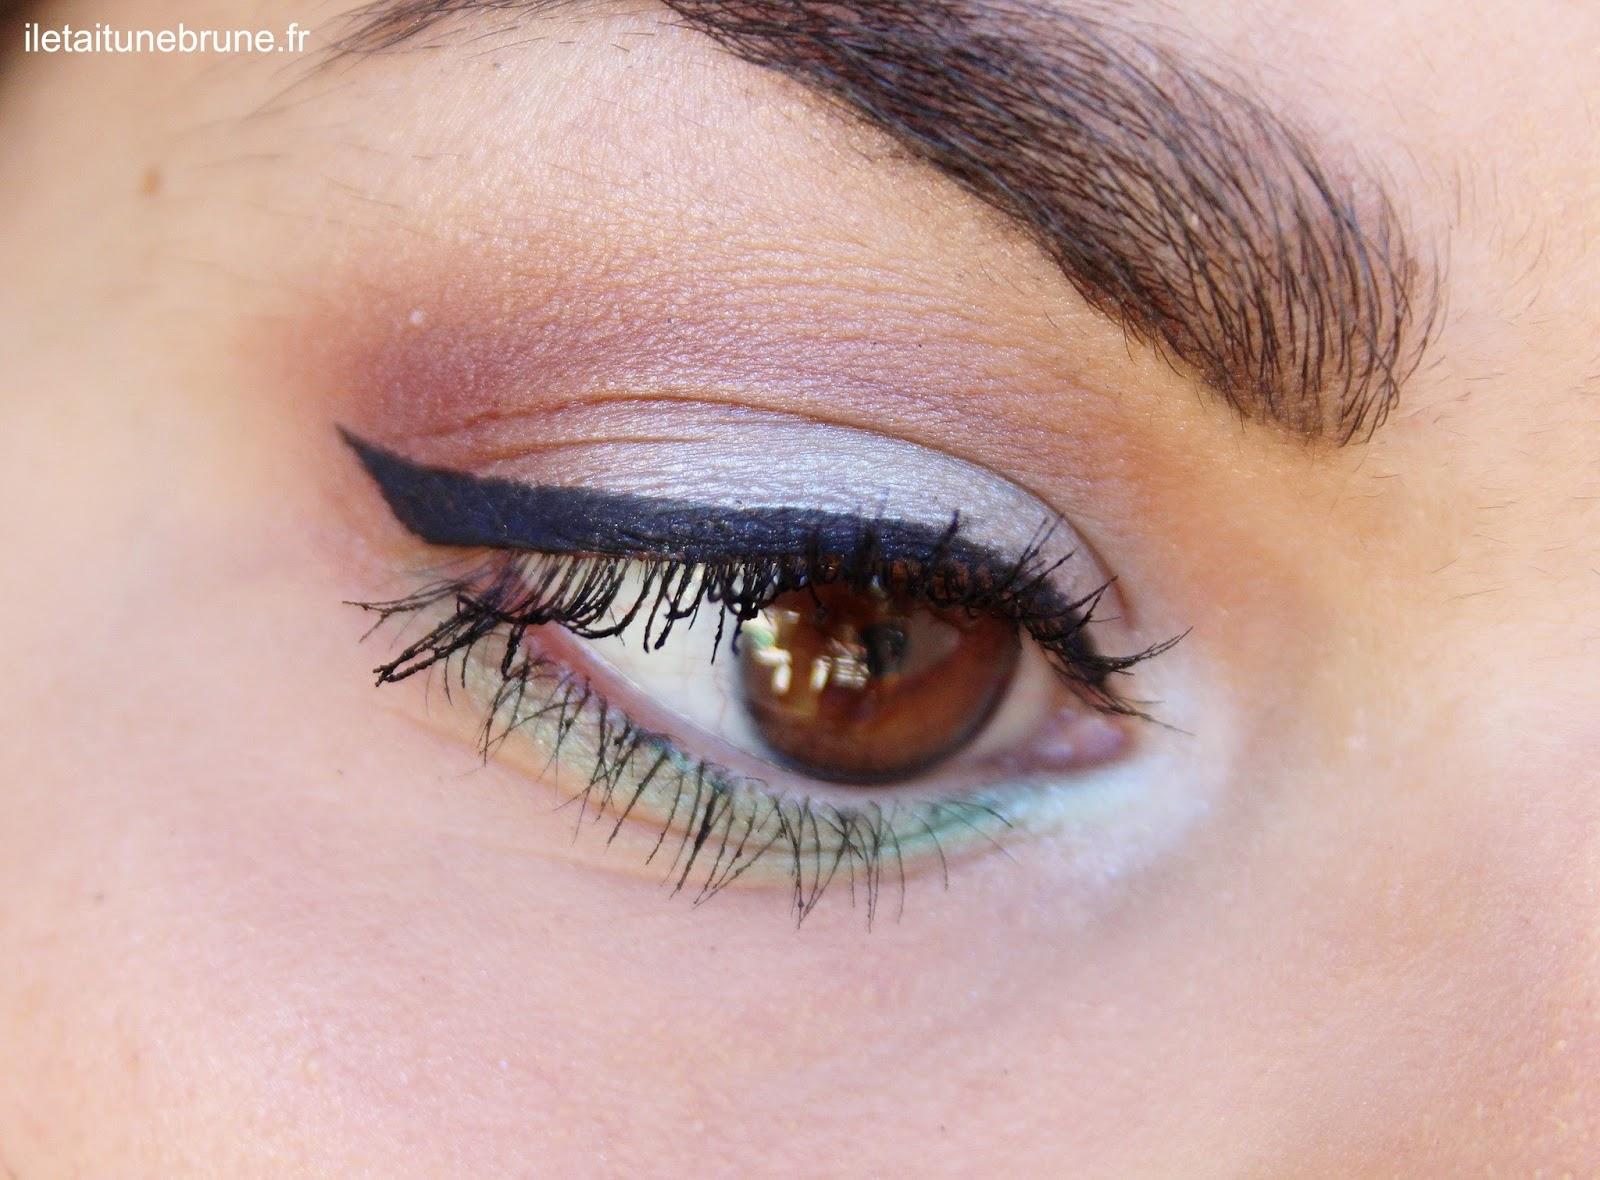 maquillage estival coloré et lumineux trait d'eyeliner noir